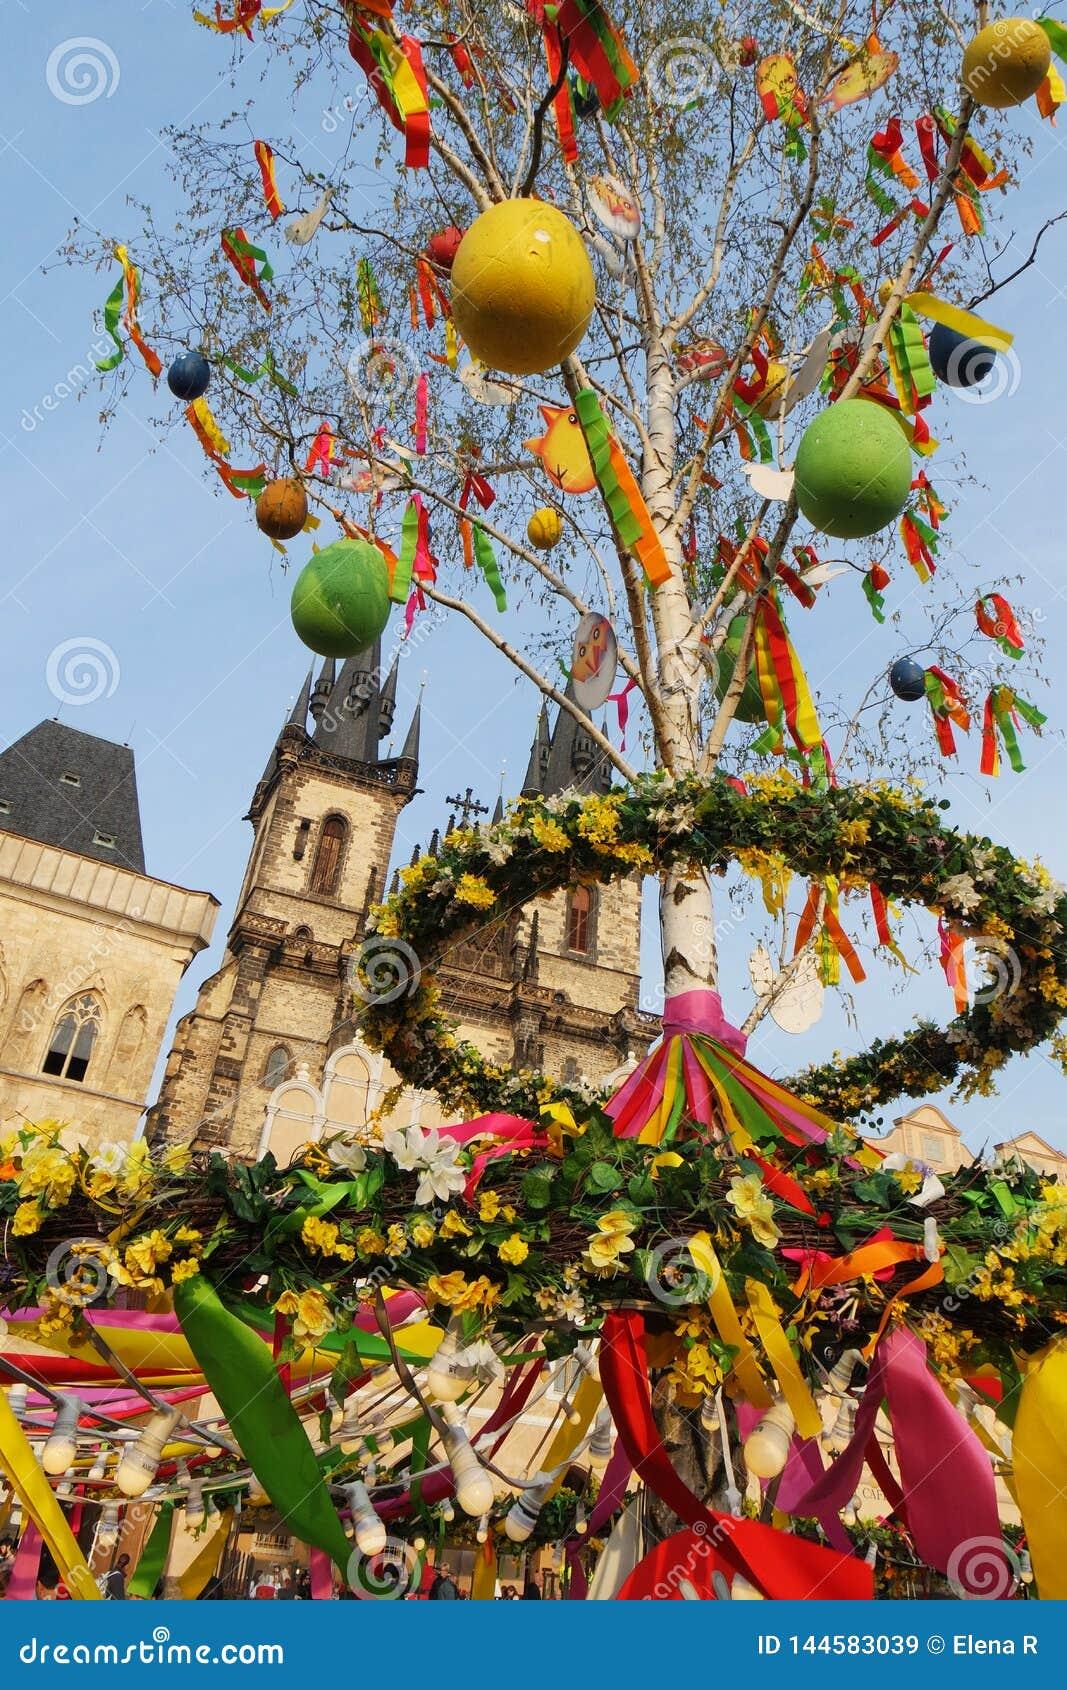 Street Easter market in Prague